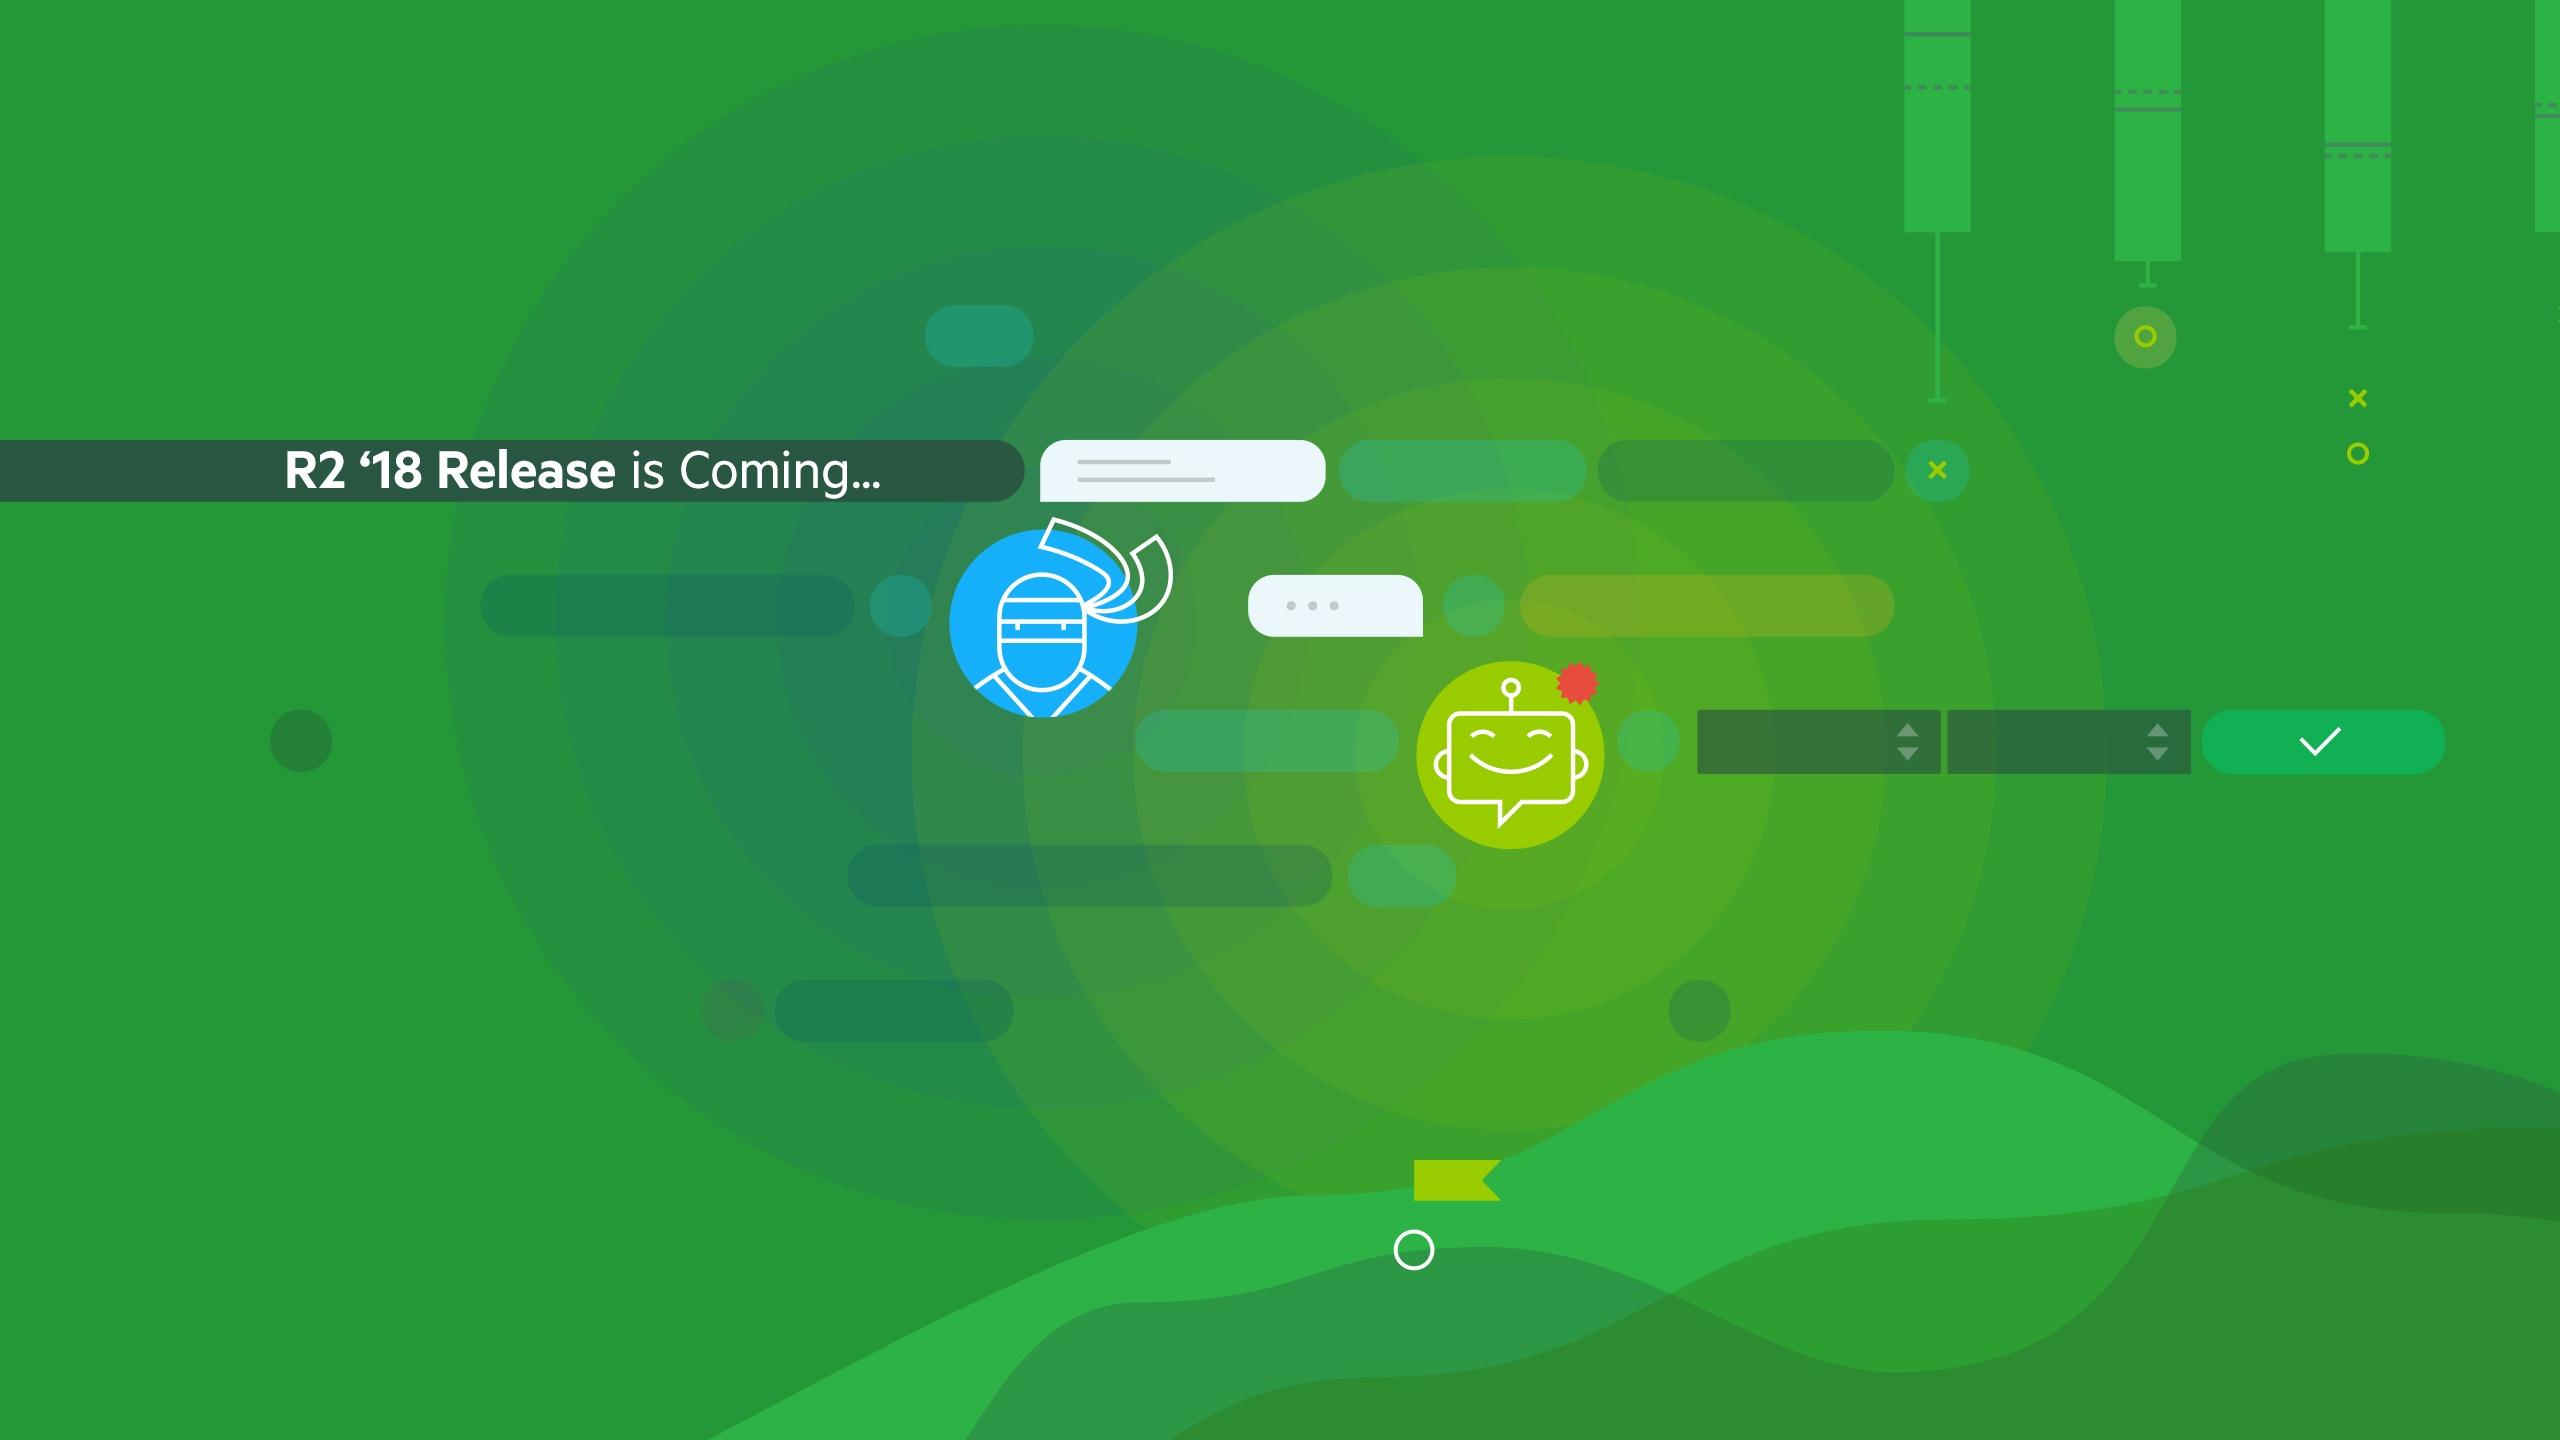 Telerik R2 2018 Release Webinar